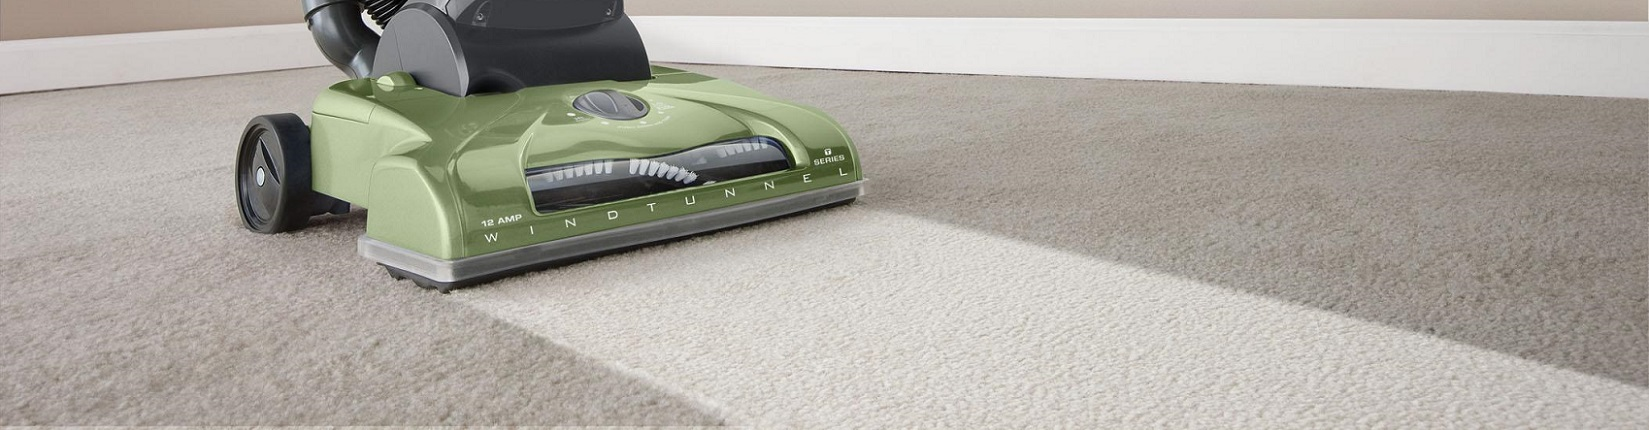 Le Guide Comment Choisir Le Meilleur Aspirateur - Carrelage pas cher et aspirateur balai efficace sur tapis